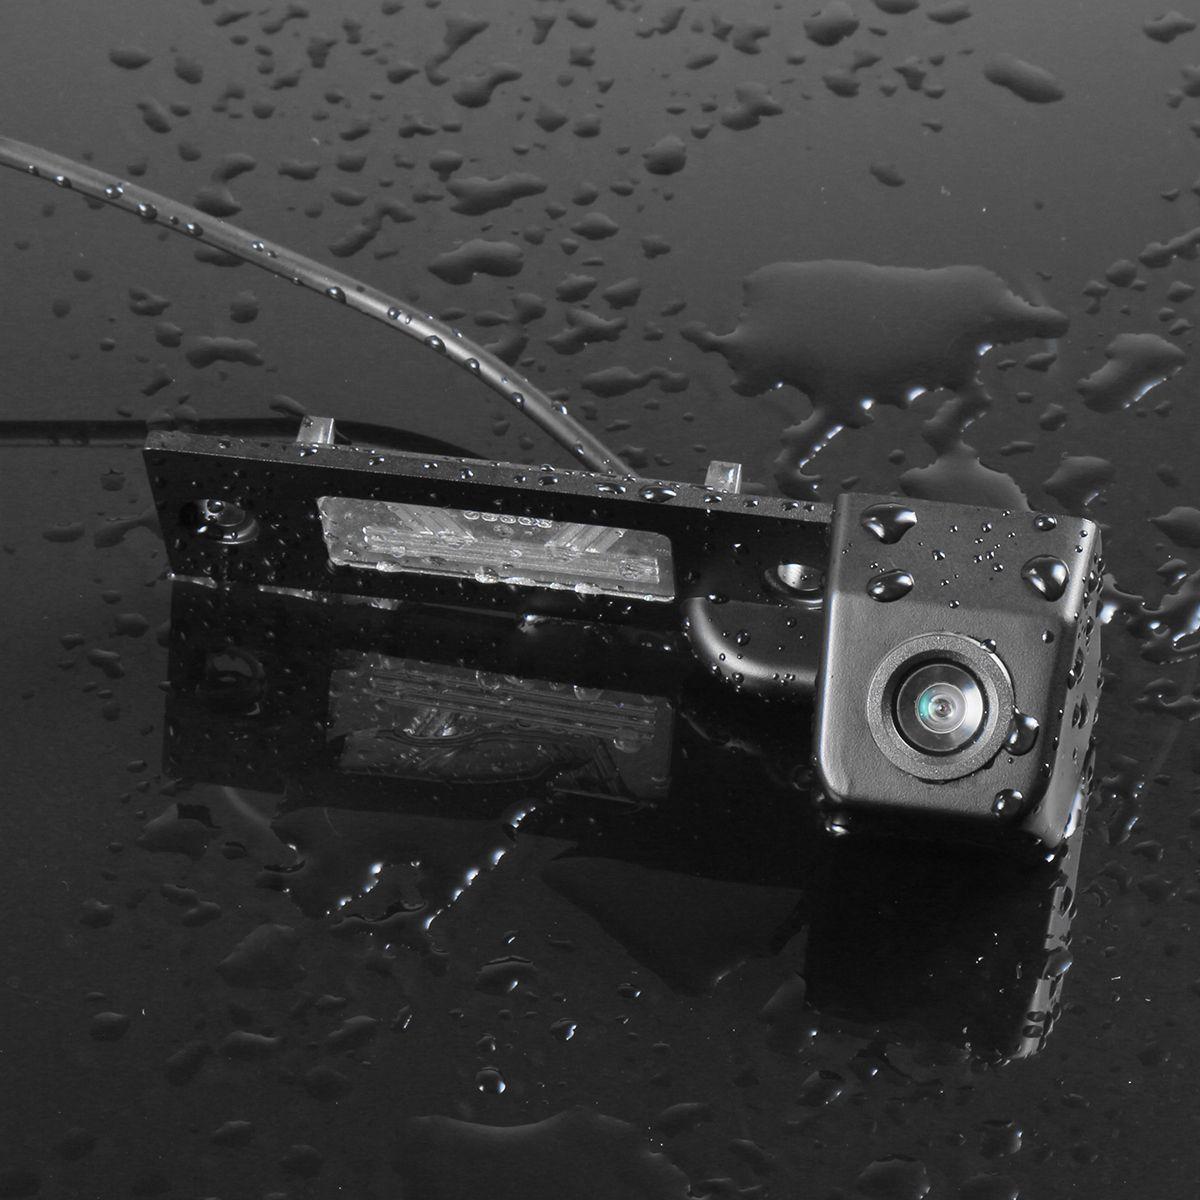 HD Auto 170 Grad Weitwinkel Reverse Backup Rückansicht Kamera Für VW Transporter T5 T30 für Caddy Passat B5 für Touran Jetta